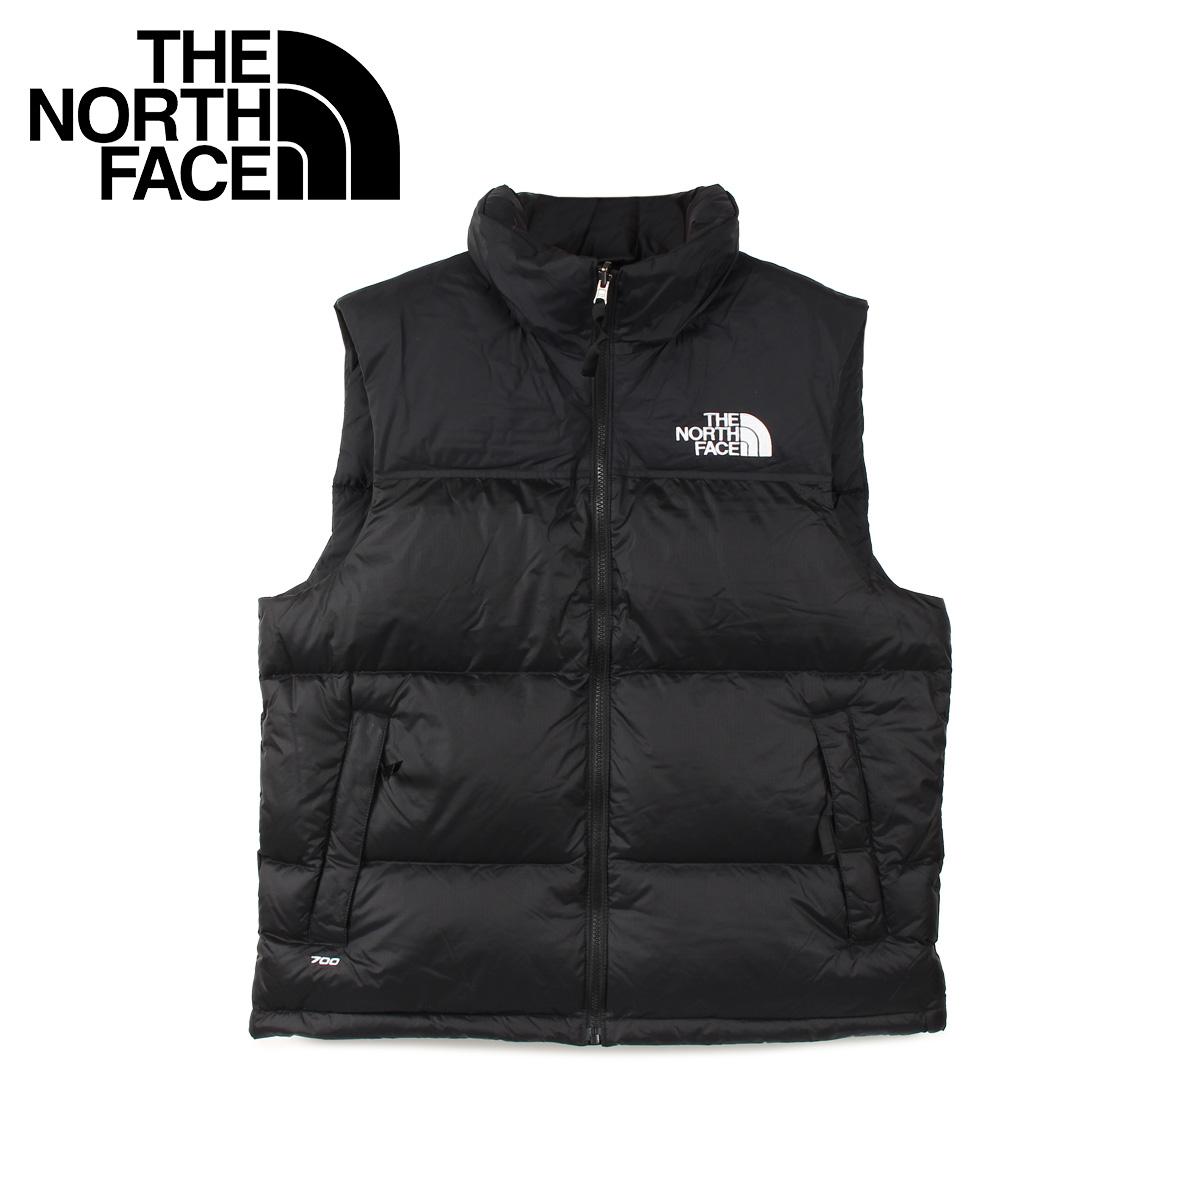 ノースフェイス THE NORTH FACE ダウンベスト ベスト レトロ ヌプシ メンズ 1996 RETRO NUPTSE VEST ブラック 黒 NF0A3JQQ